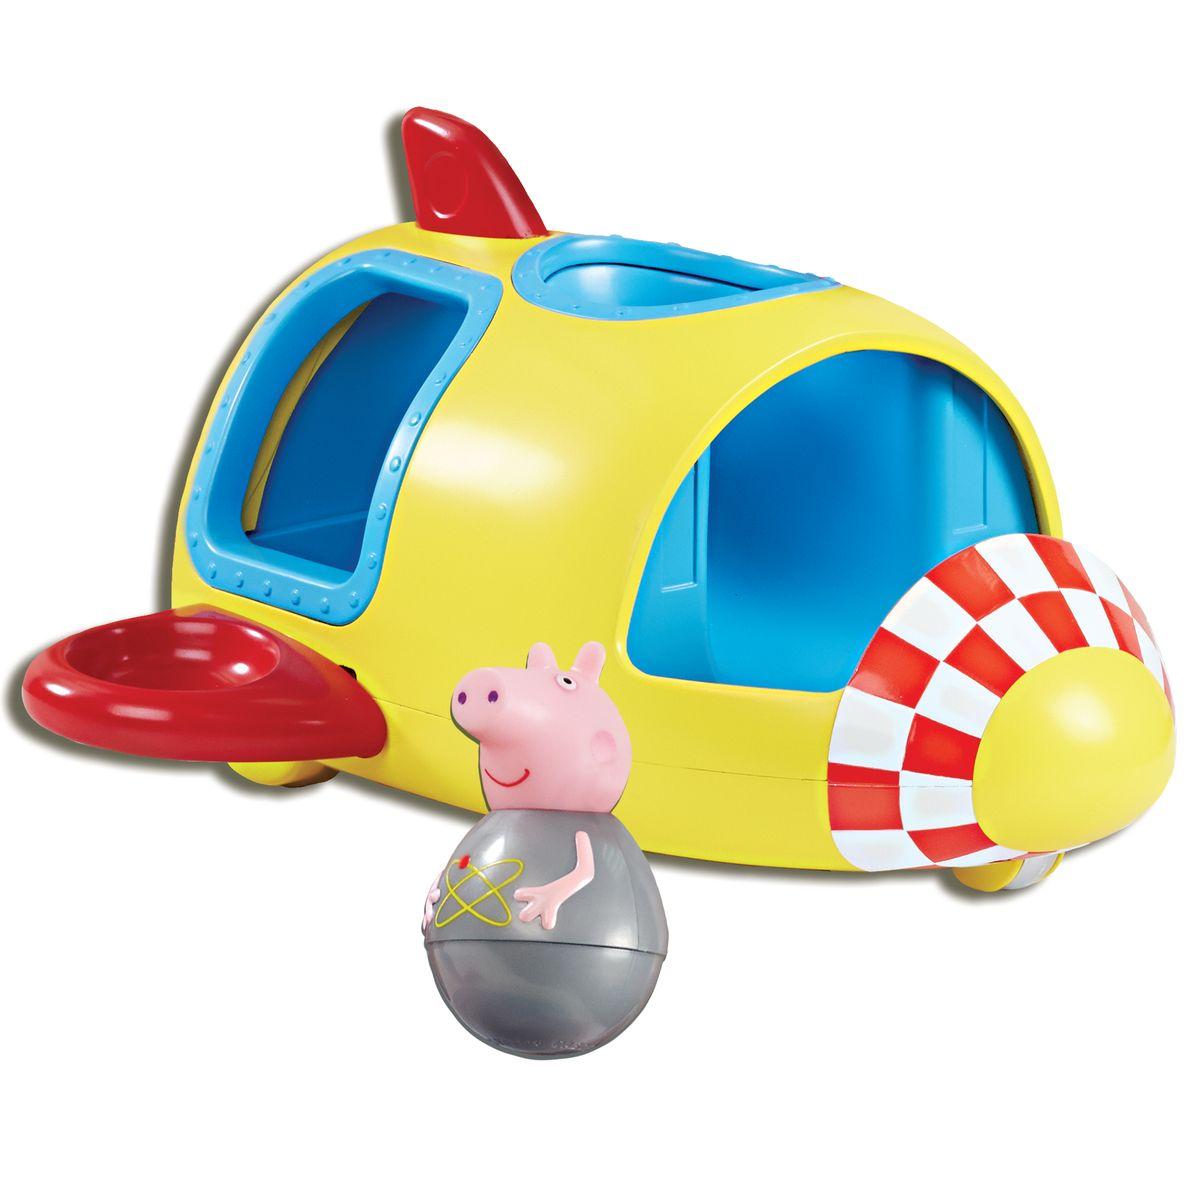 Peppa Pig ������� ����� ������ ����� ��������� � �������� ����� - Peppa Pig28796� ������� ������ ������� �����-��������� 2 ��������: �����-��������� �������� 7,8 � 4,5 �� � ��������� �������; ������ �������� 24 � 26 � 14,5 �� �� ��������� � ������ ��������� ��� ������ (2 �������, 2 �����, 2 �� �������). ��� �������� ������ ������ ������������, � ����� �� ������� ������������ � ���������, �� �������. ������� ��������� �� ����������� �������� � ����������. ����� ��������������. �������� � ���������� �������� �������.